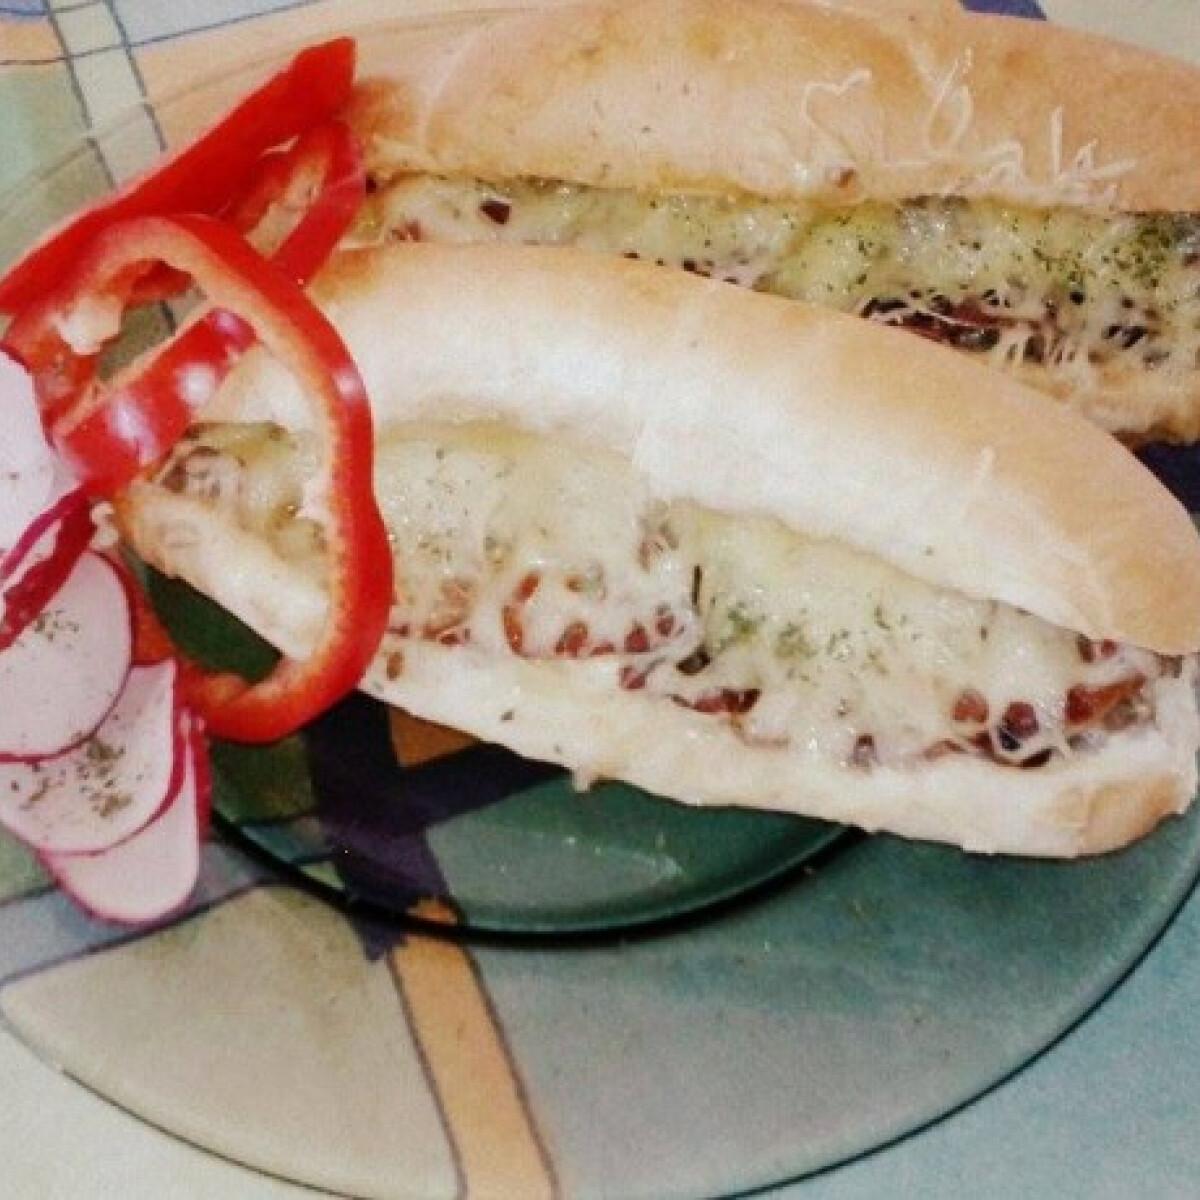 Darált húsos bagett Szintiminti konyhájából